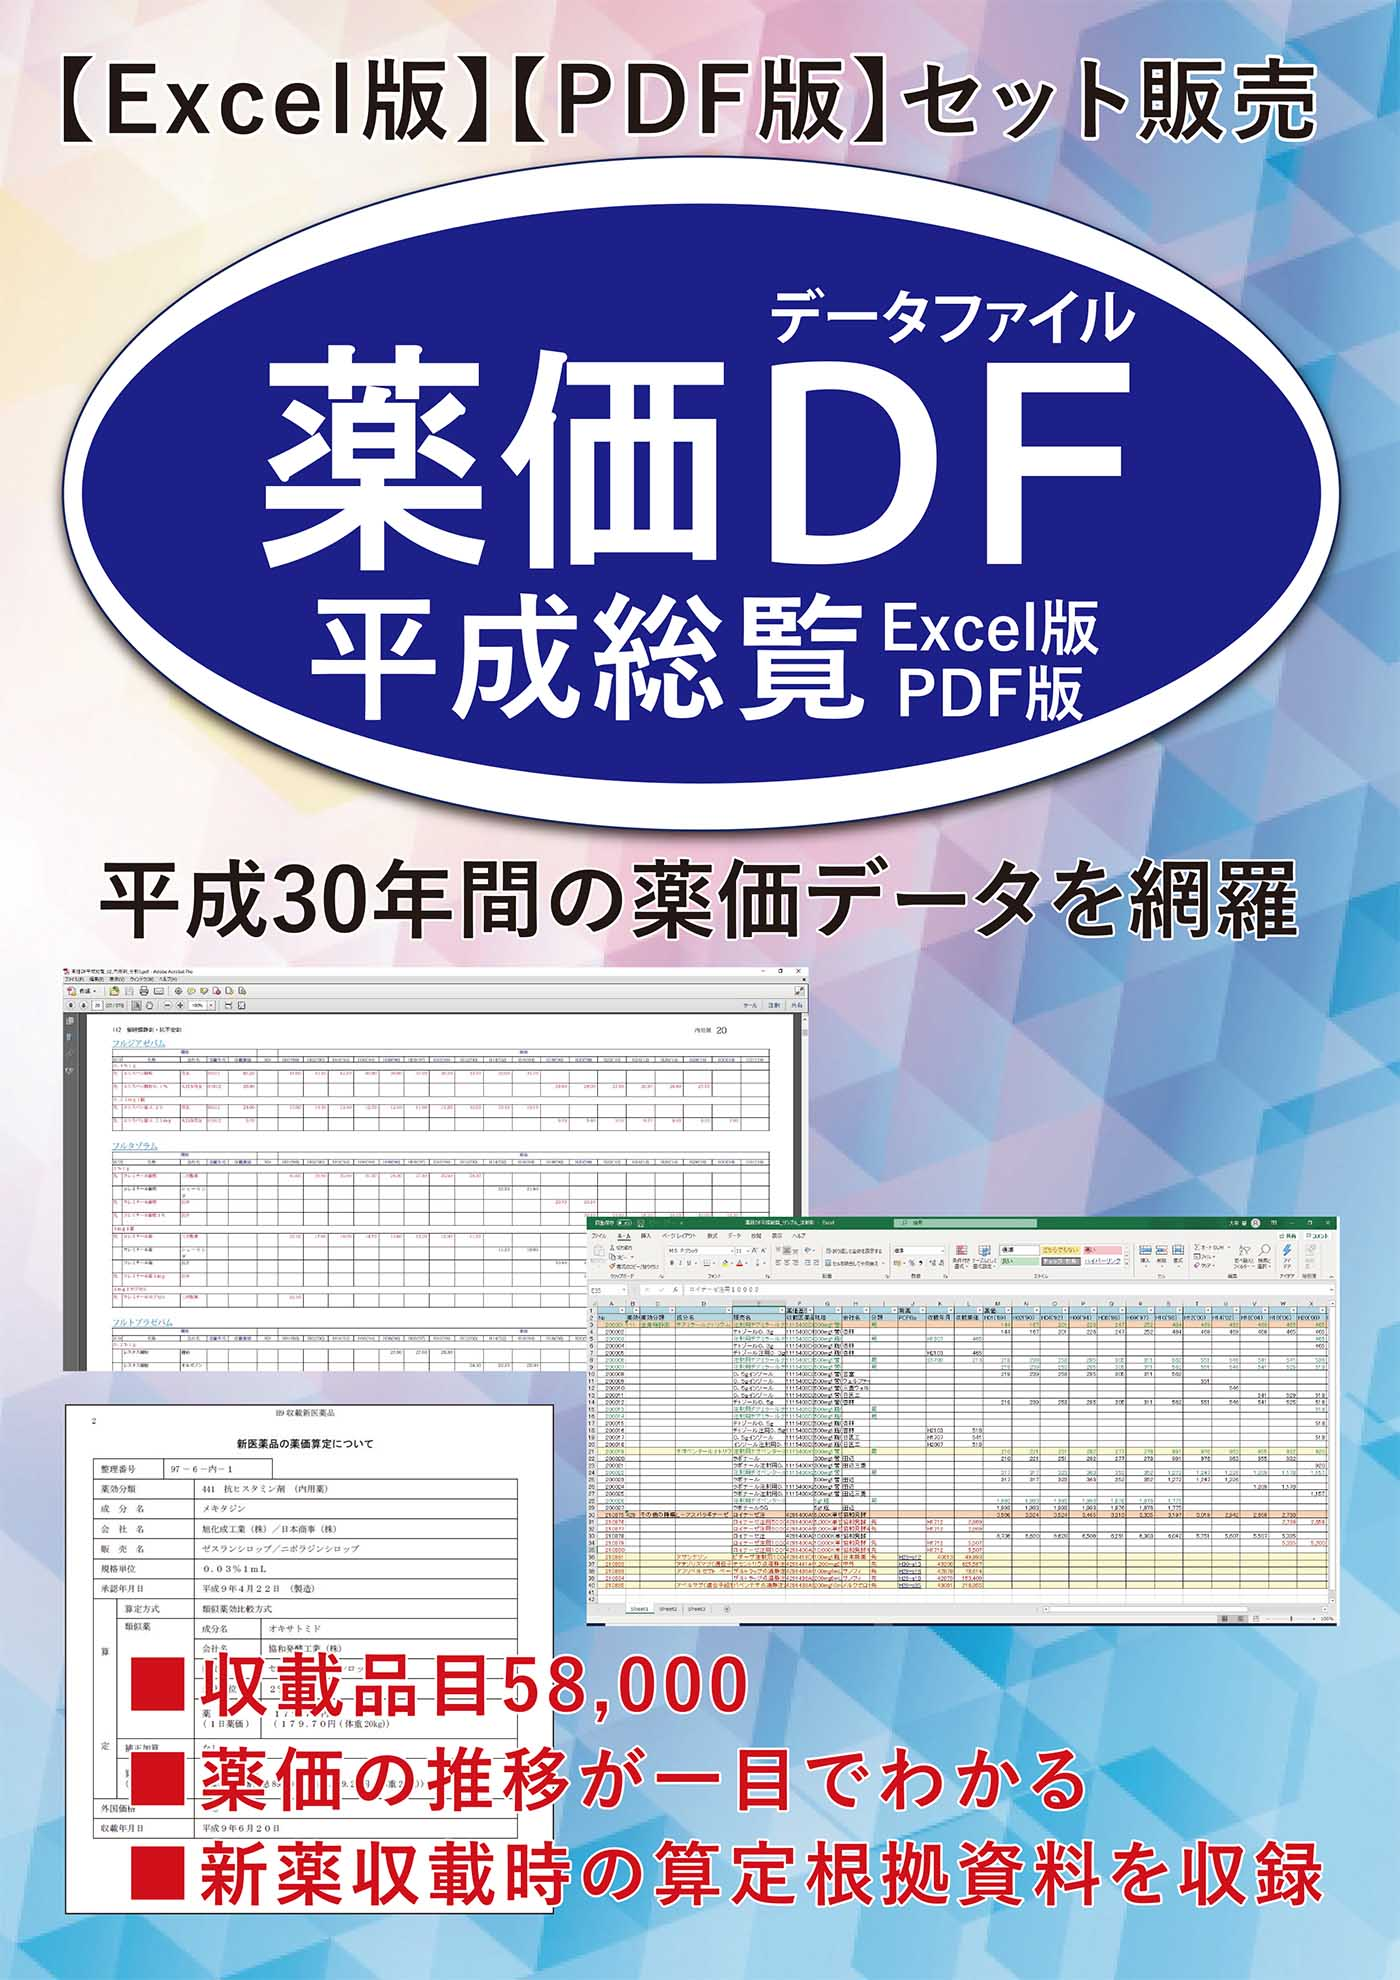 薬価データファイル平成総覧【Excel,PDFセット版】